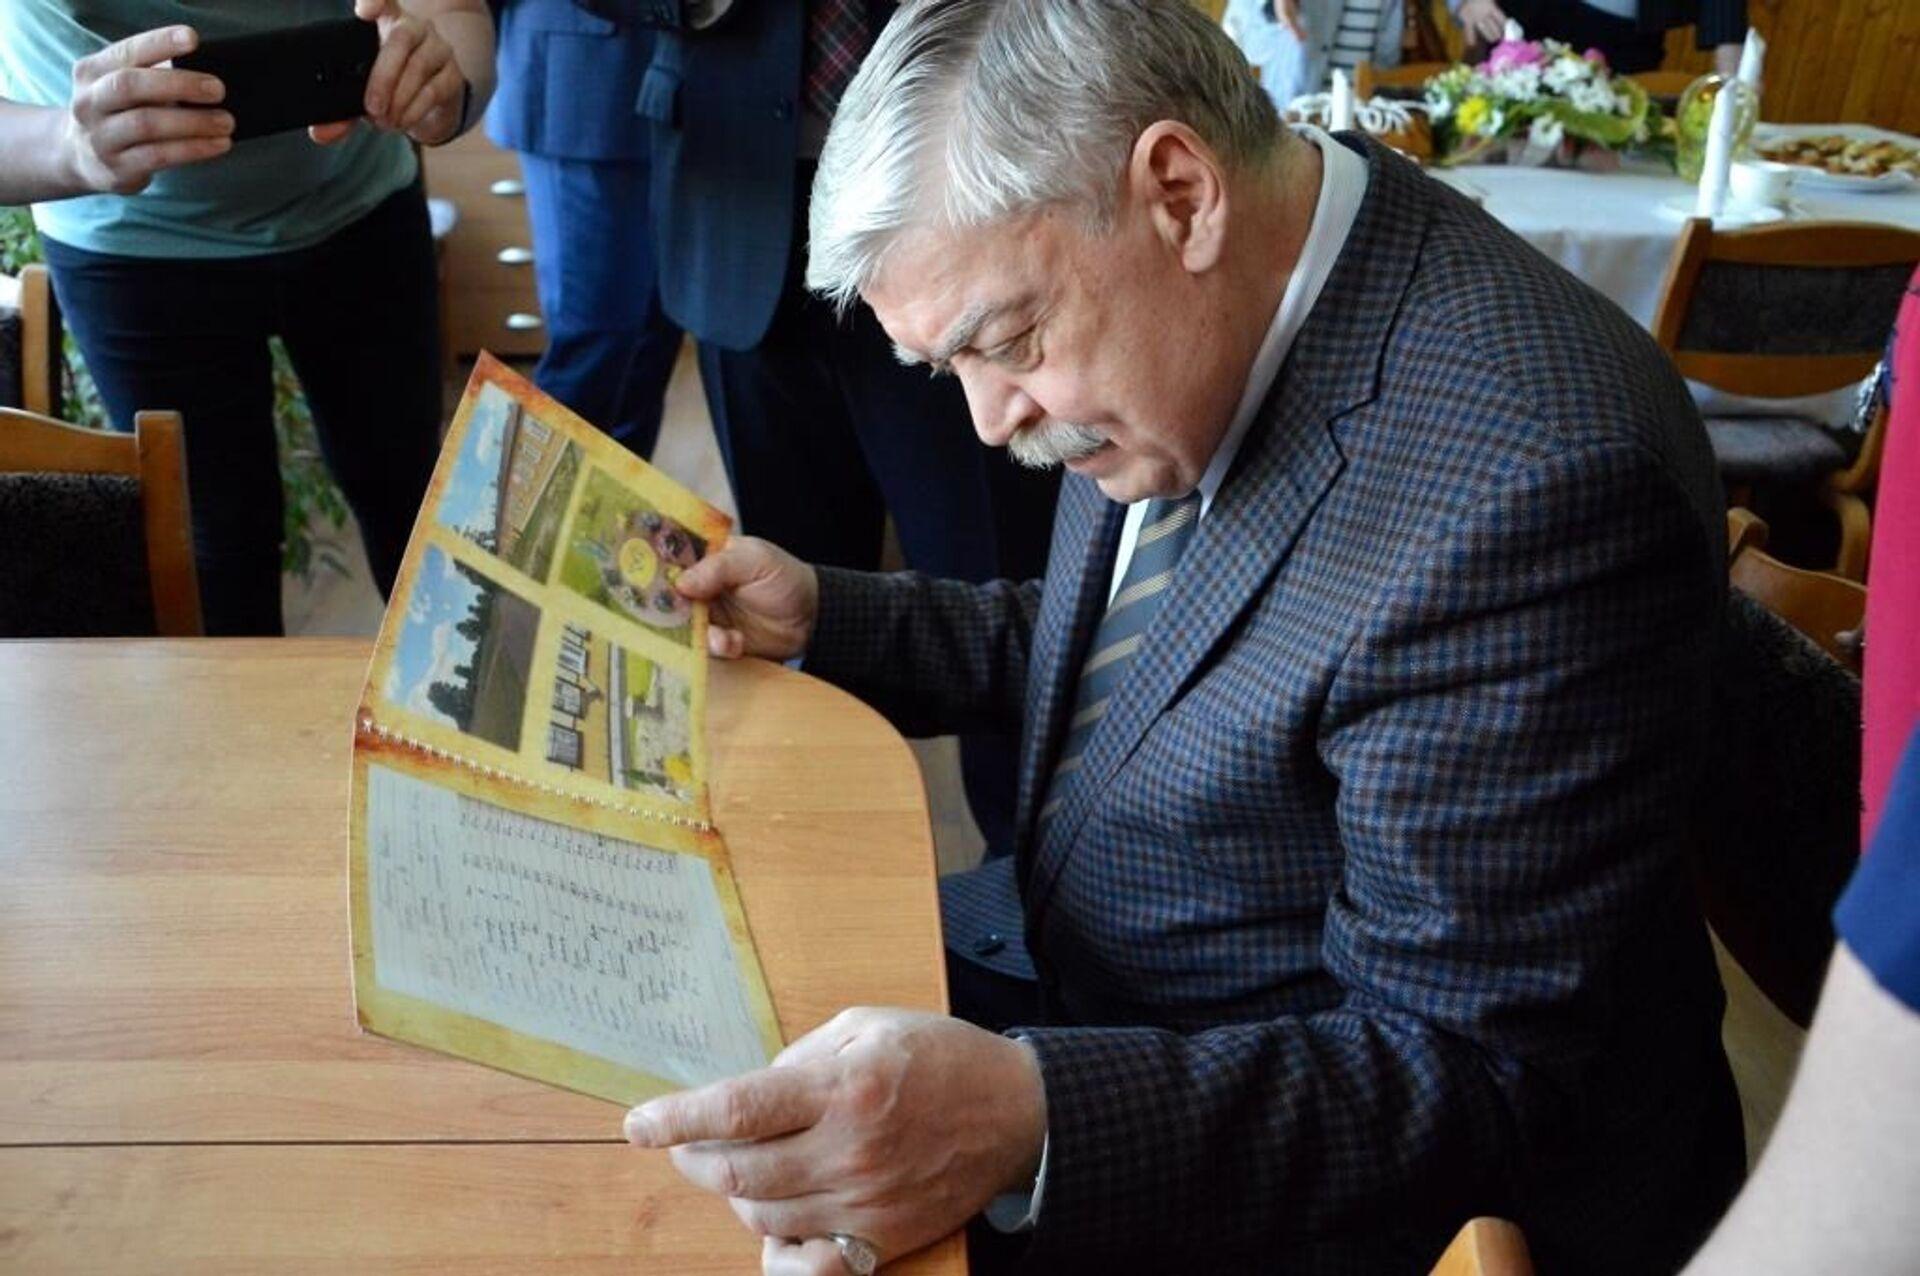 Посол признался, что воспоминания об этой школе у него фрагментарные - Sputnik Беларусь, 1920, 29.06.2021